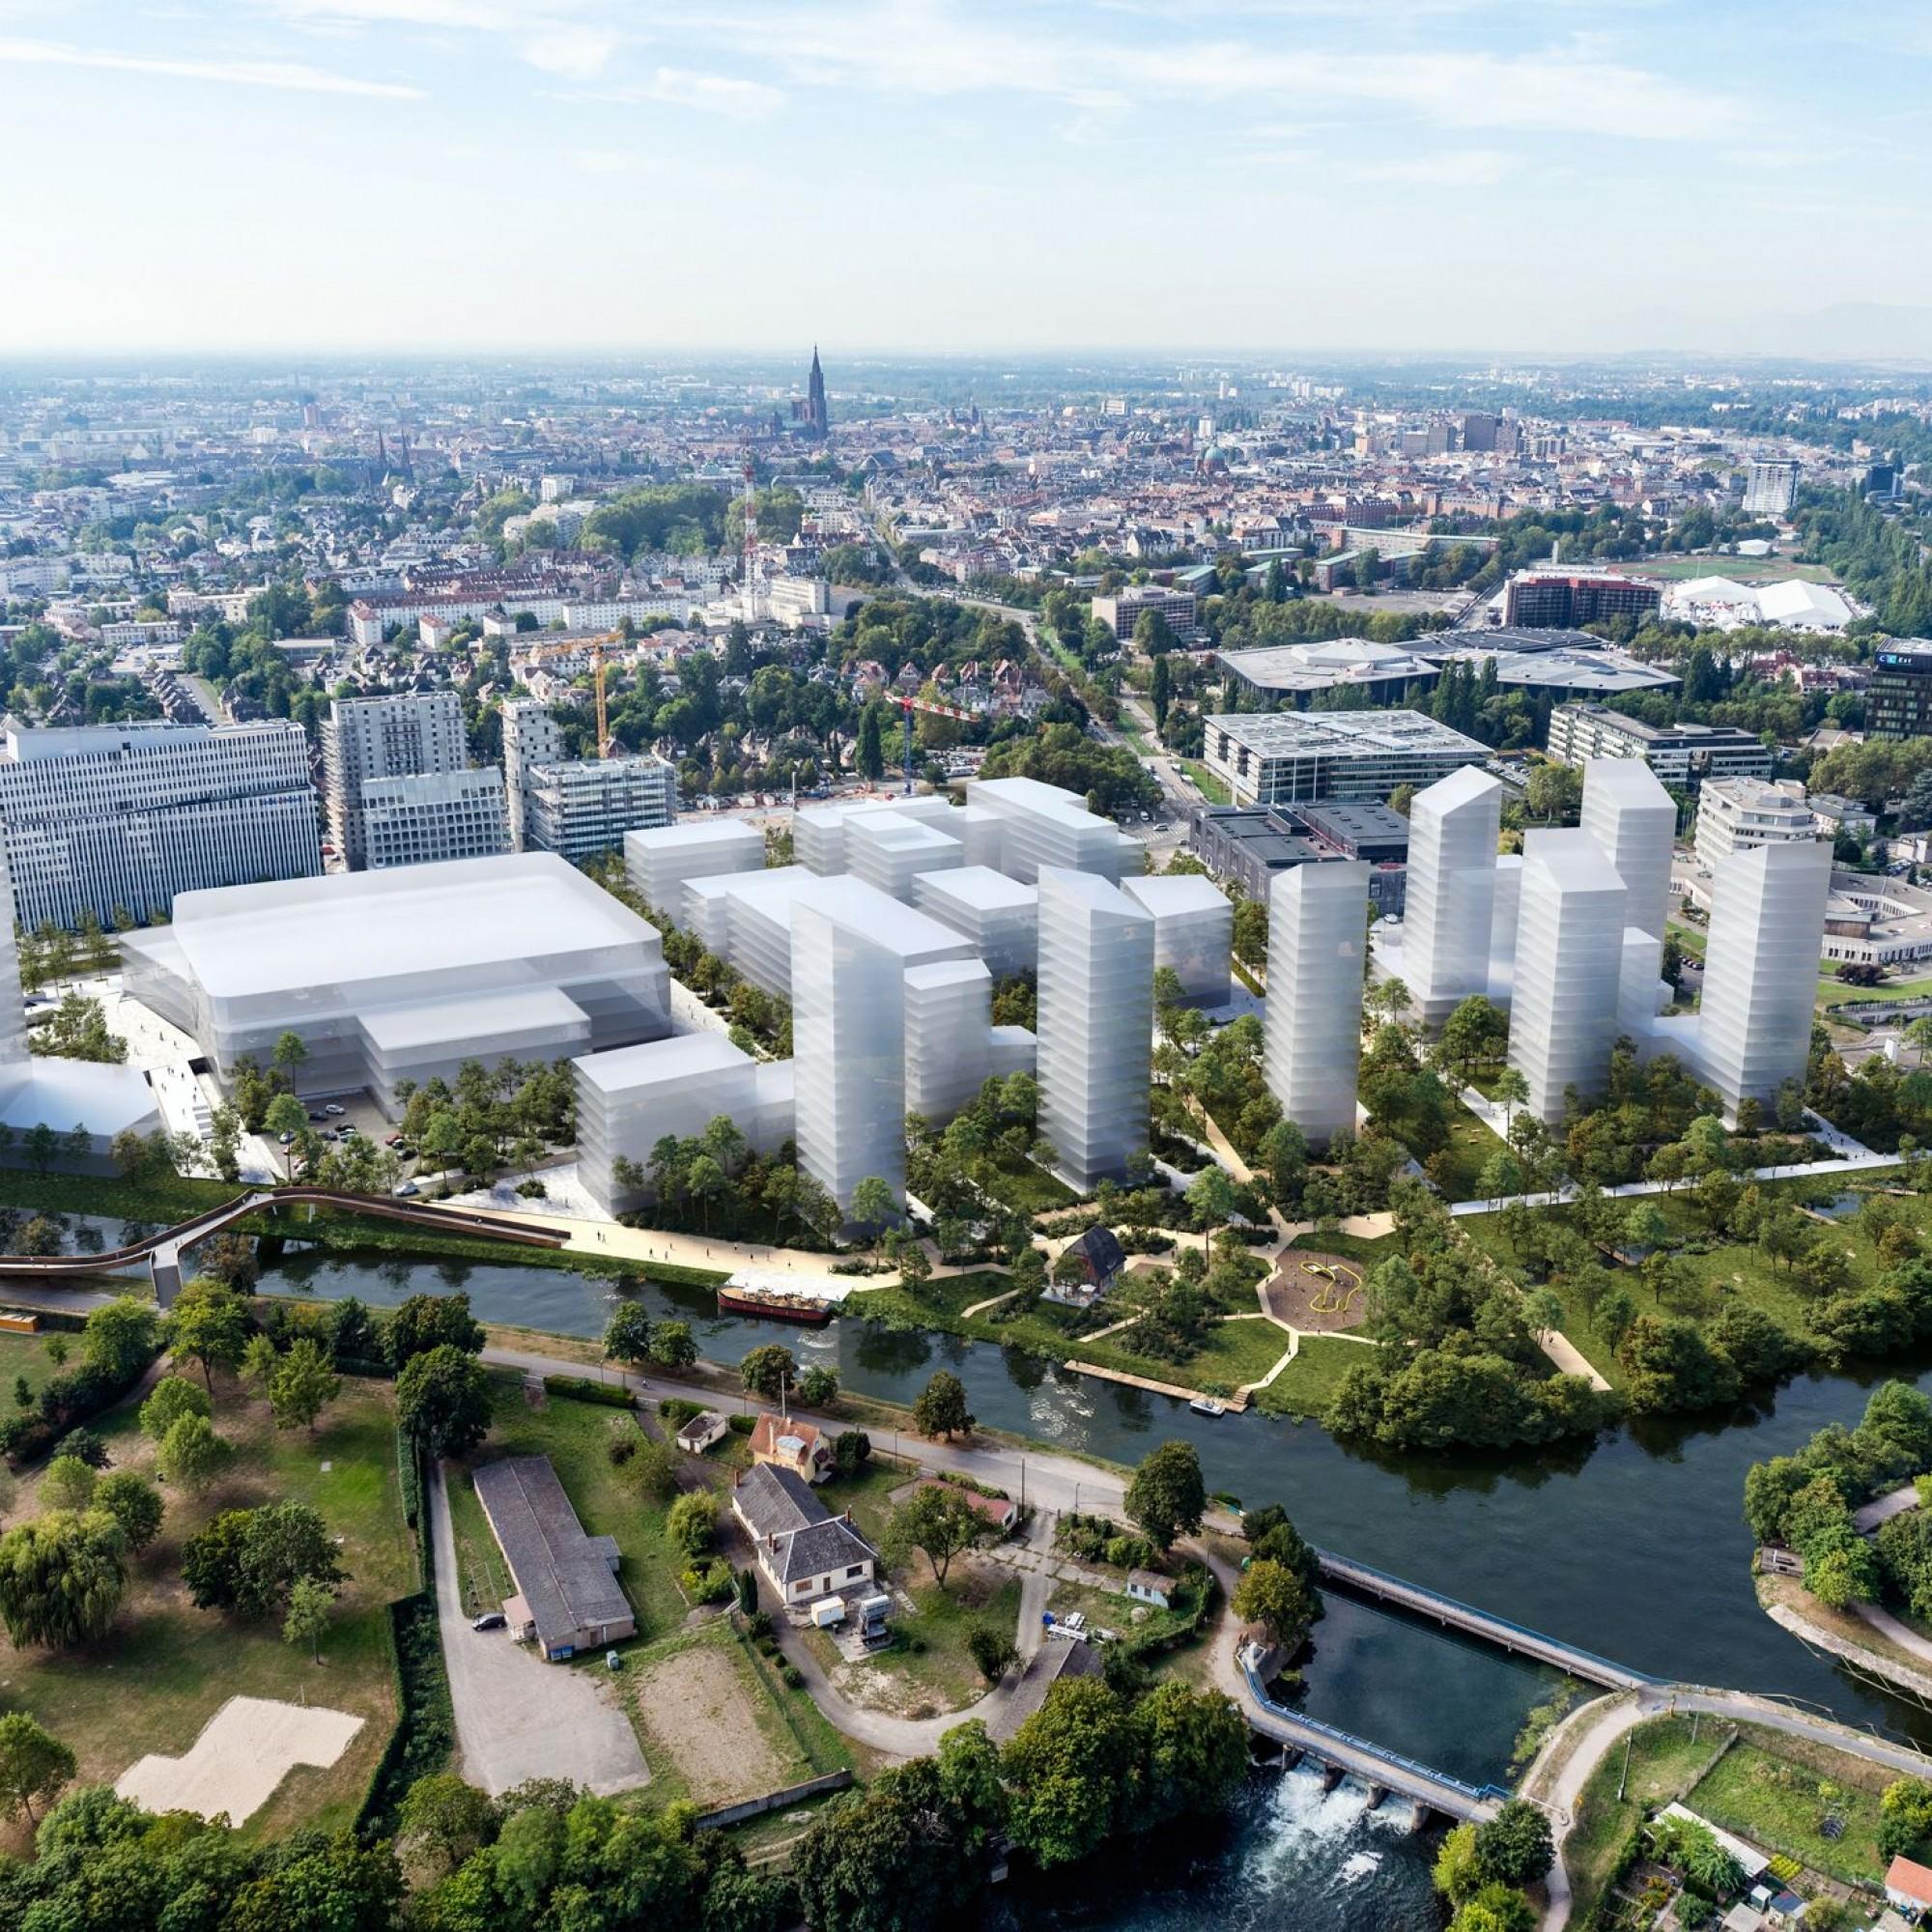 Archipel 2 se développe à Strasbourg autour de divers projets de bureaux, de commerces et de logements.